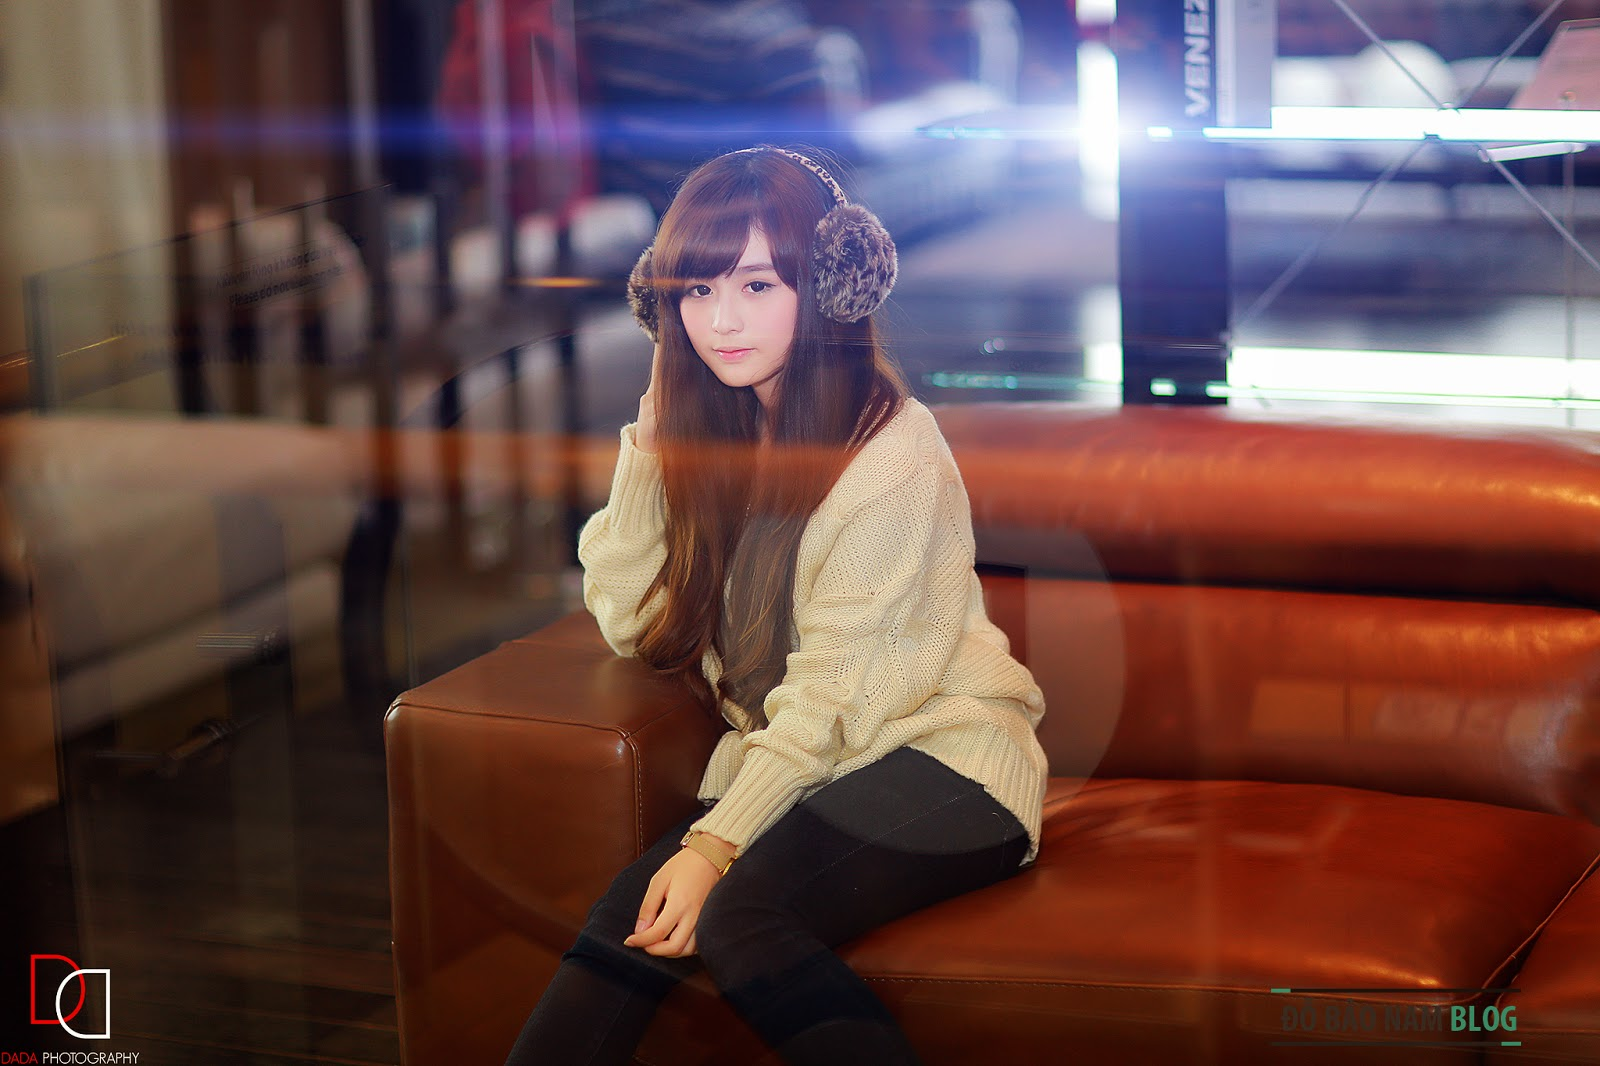 Ảnh đẹp girl xinh mới nhất 2014 được tuyển chọn 01